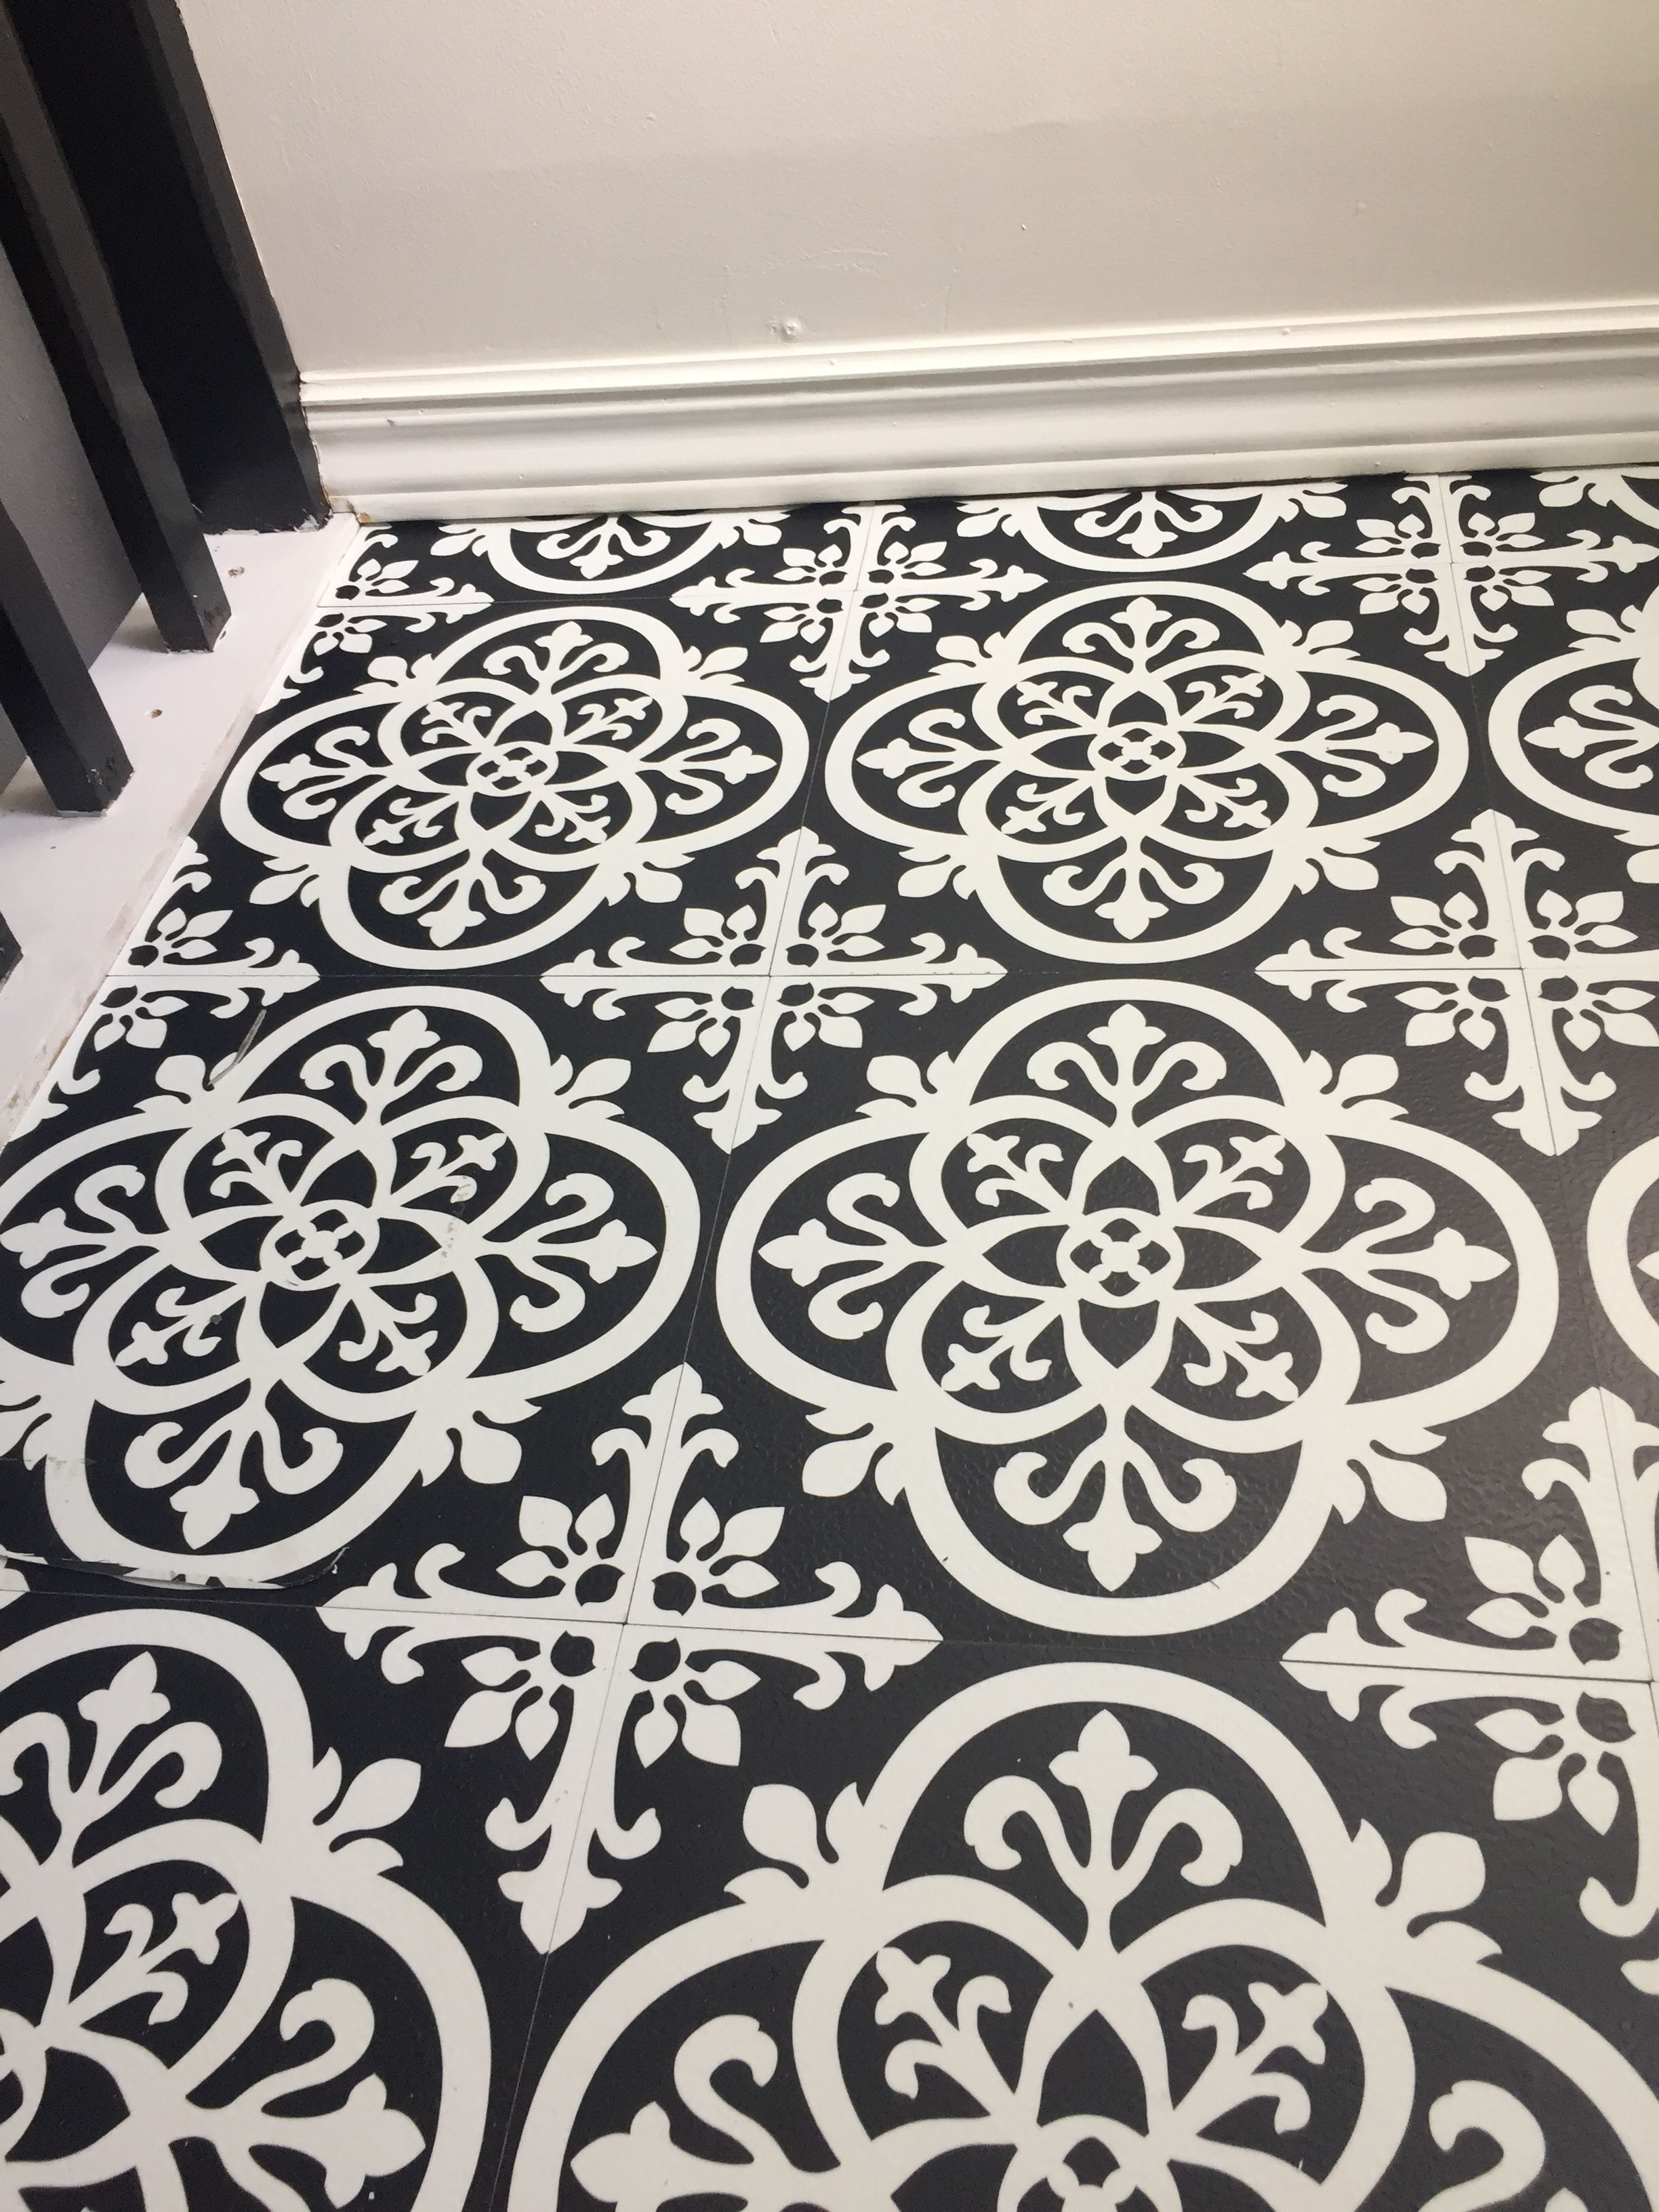 Peel And Stick Floors Peel And Stick Floor Ceramic Tile Bathrooms Flooring